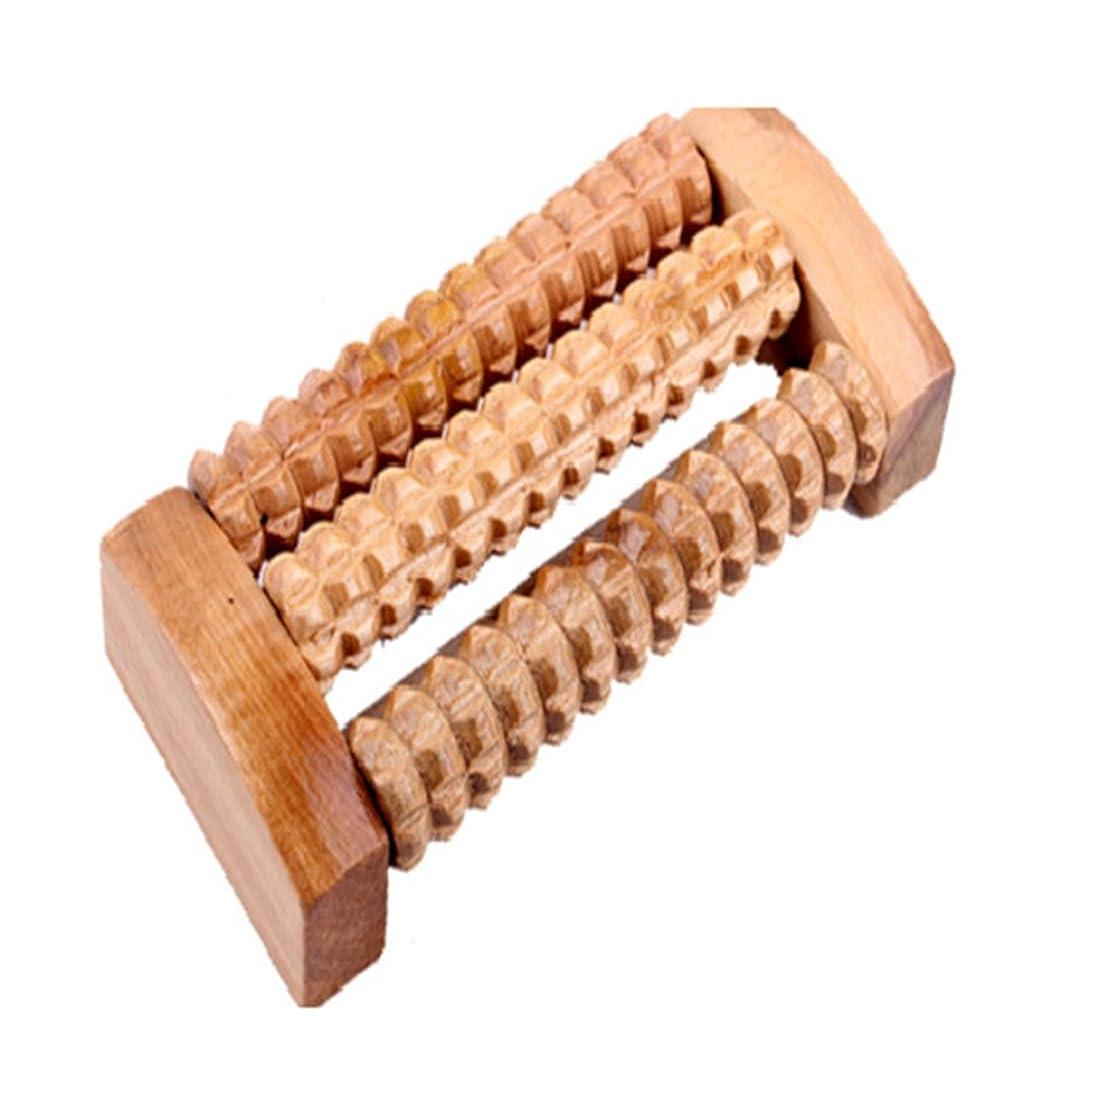 木グレートオーク雰囲気Smilemall フットマッサージ器 足裏 ツボ押し ローラー 木製 リラクゼーション 指圧療法 (木製 原色 (約14cm×7cm×3.5cm))